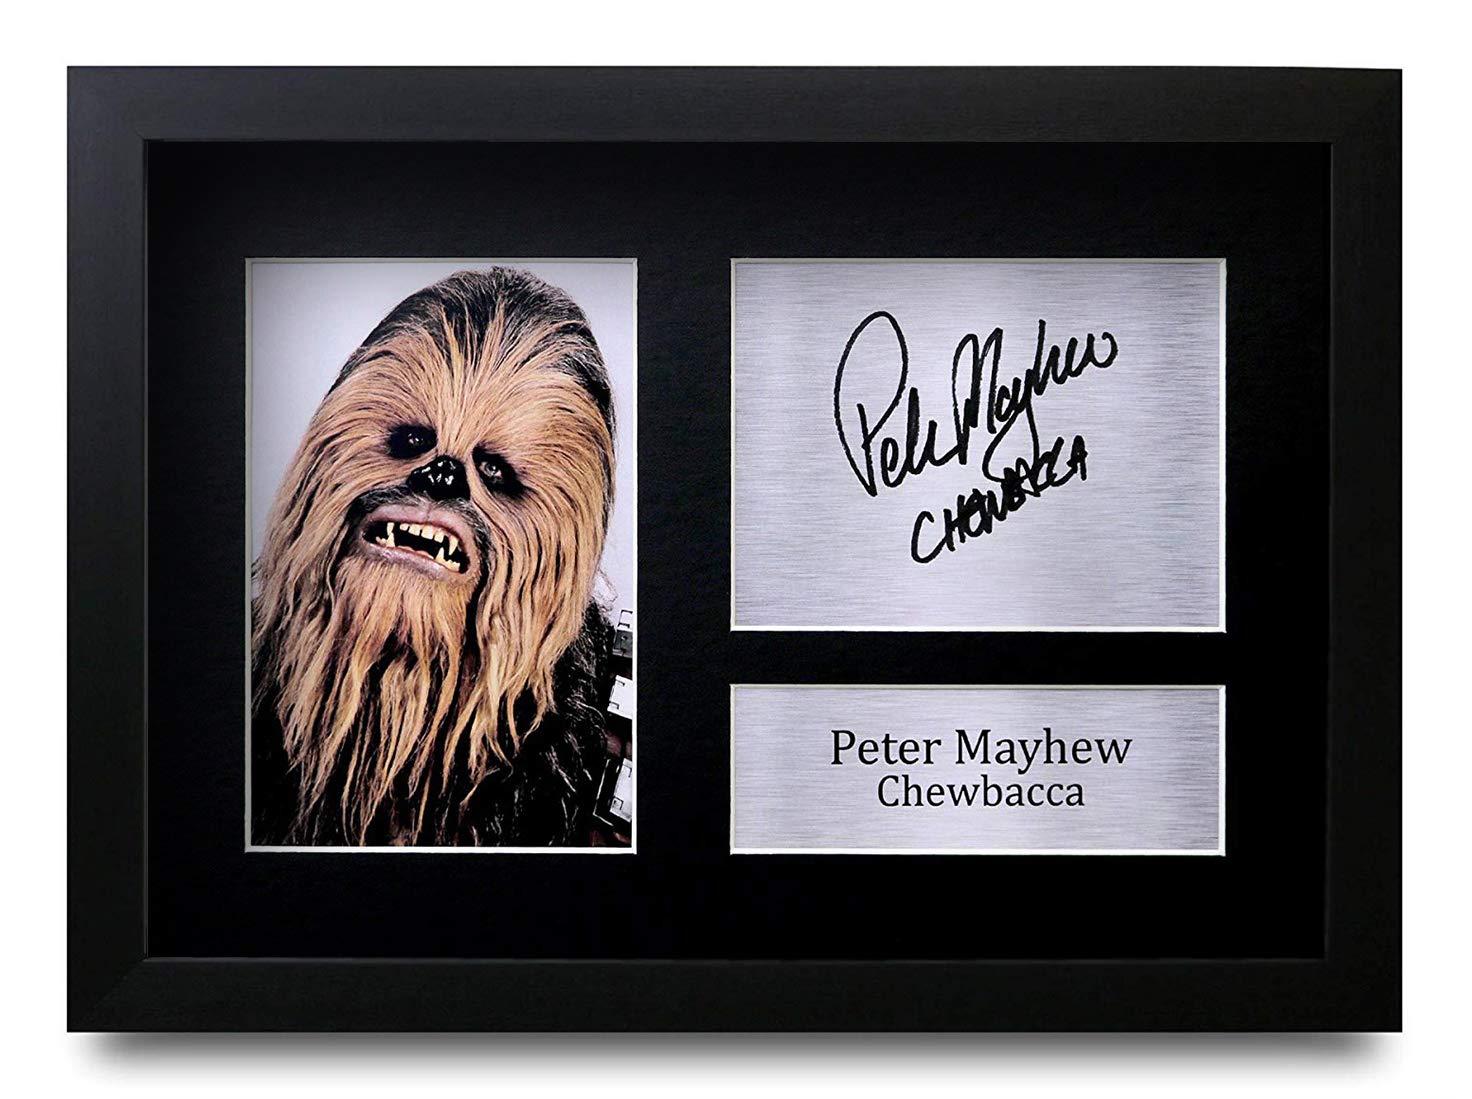 HWC Trading Peter Mayhew A4 Incorniciato Firmato Regalo Visualizzazione delle Foto Print Immagine Autografo Stampato per Star Wars Chewbacca Gli Appassionati di Cinema